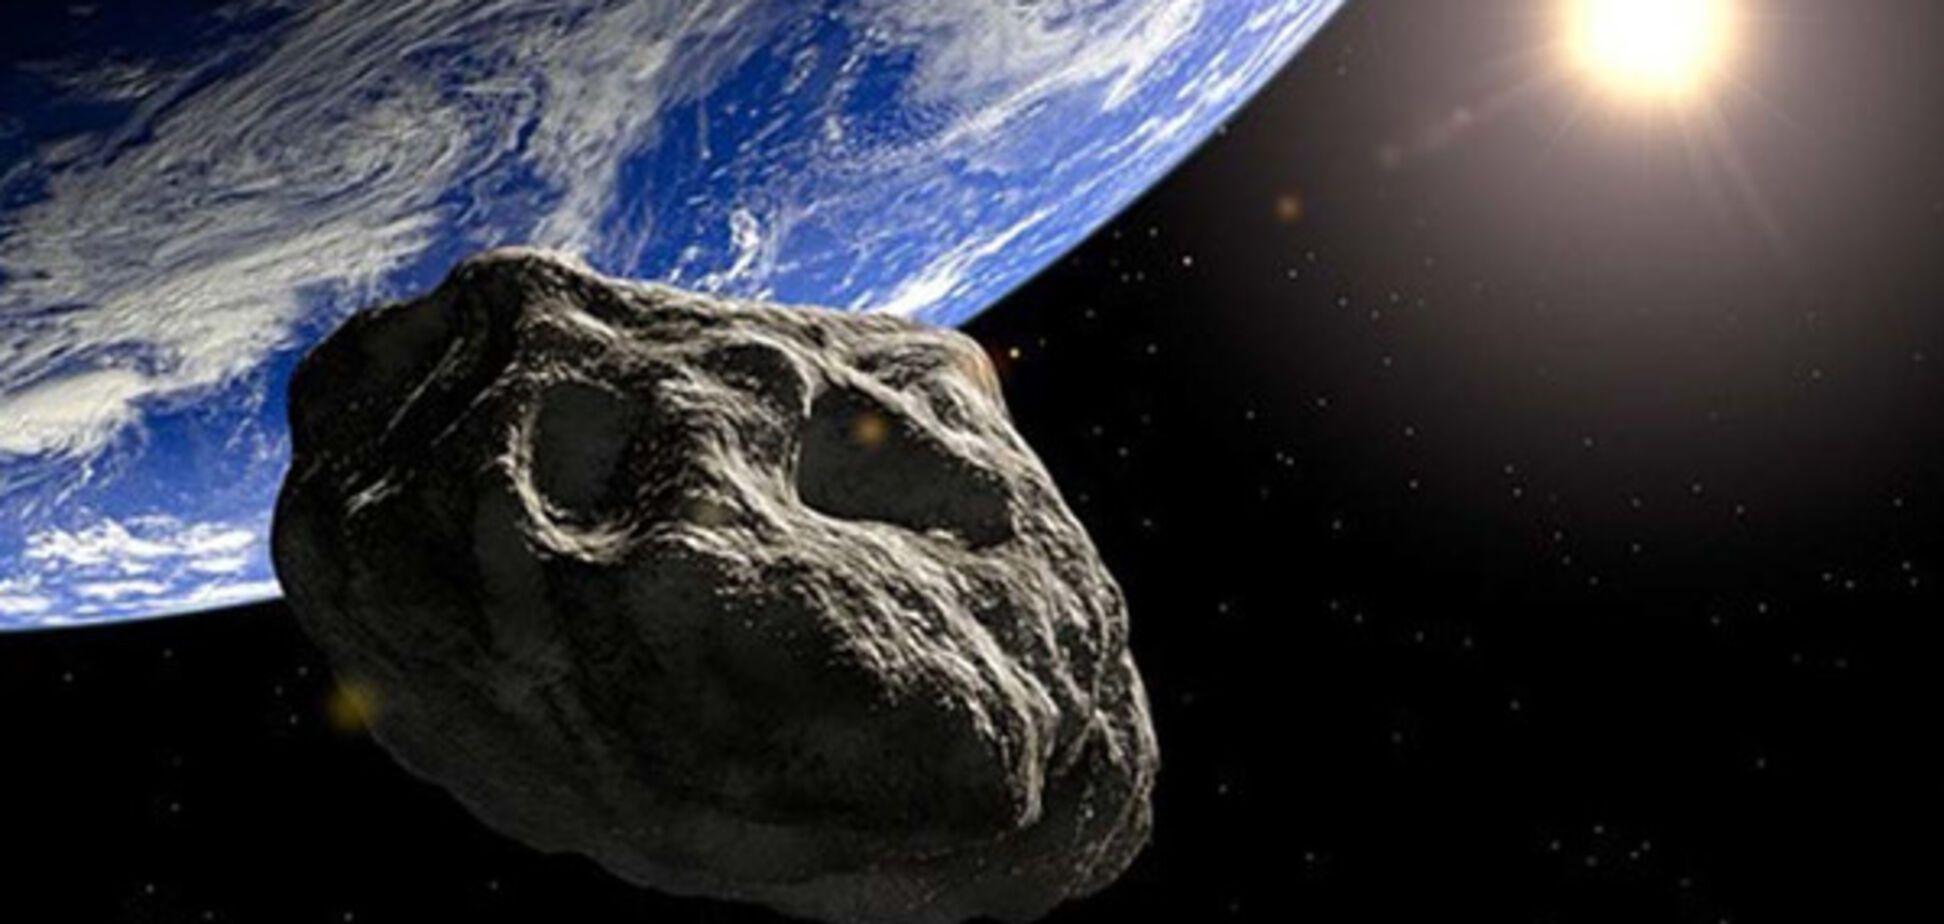 Земле угрожают крупные астероиды: ученые назвали сроки возможных столкновений